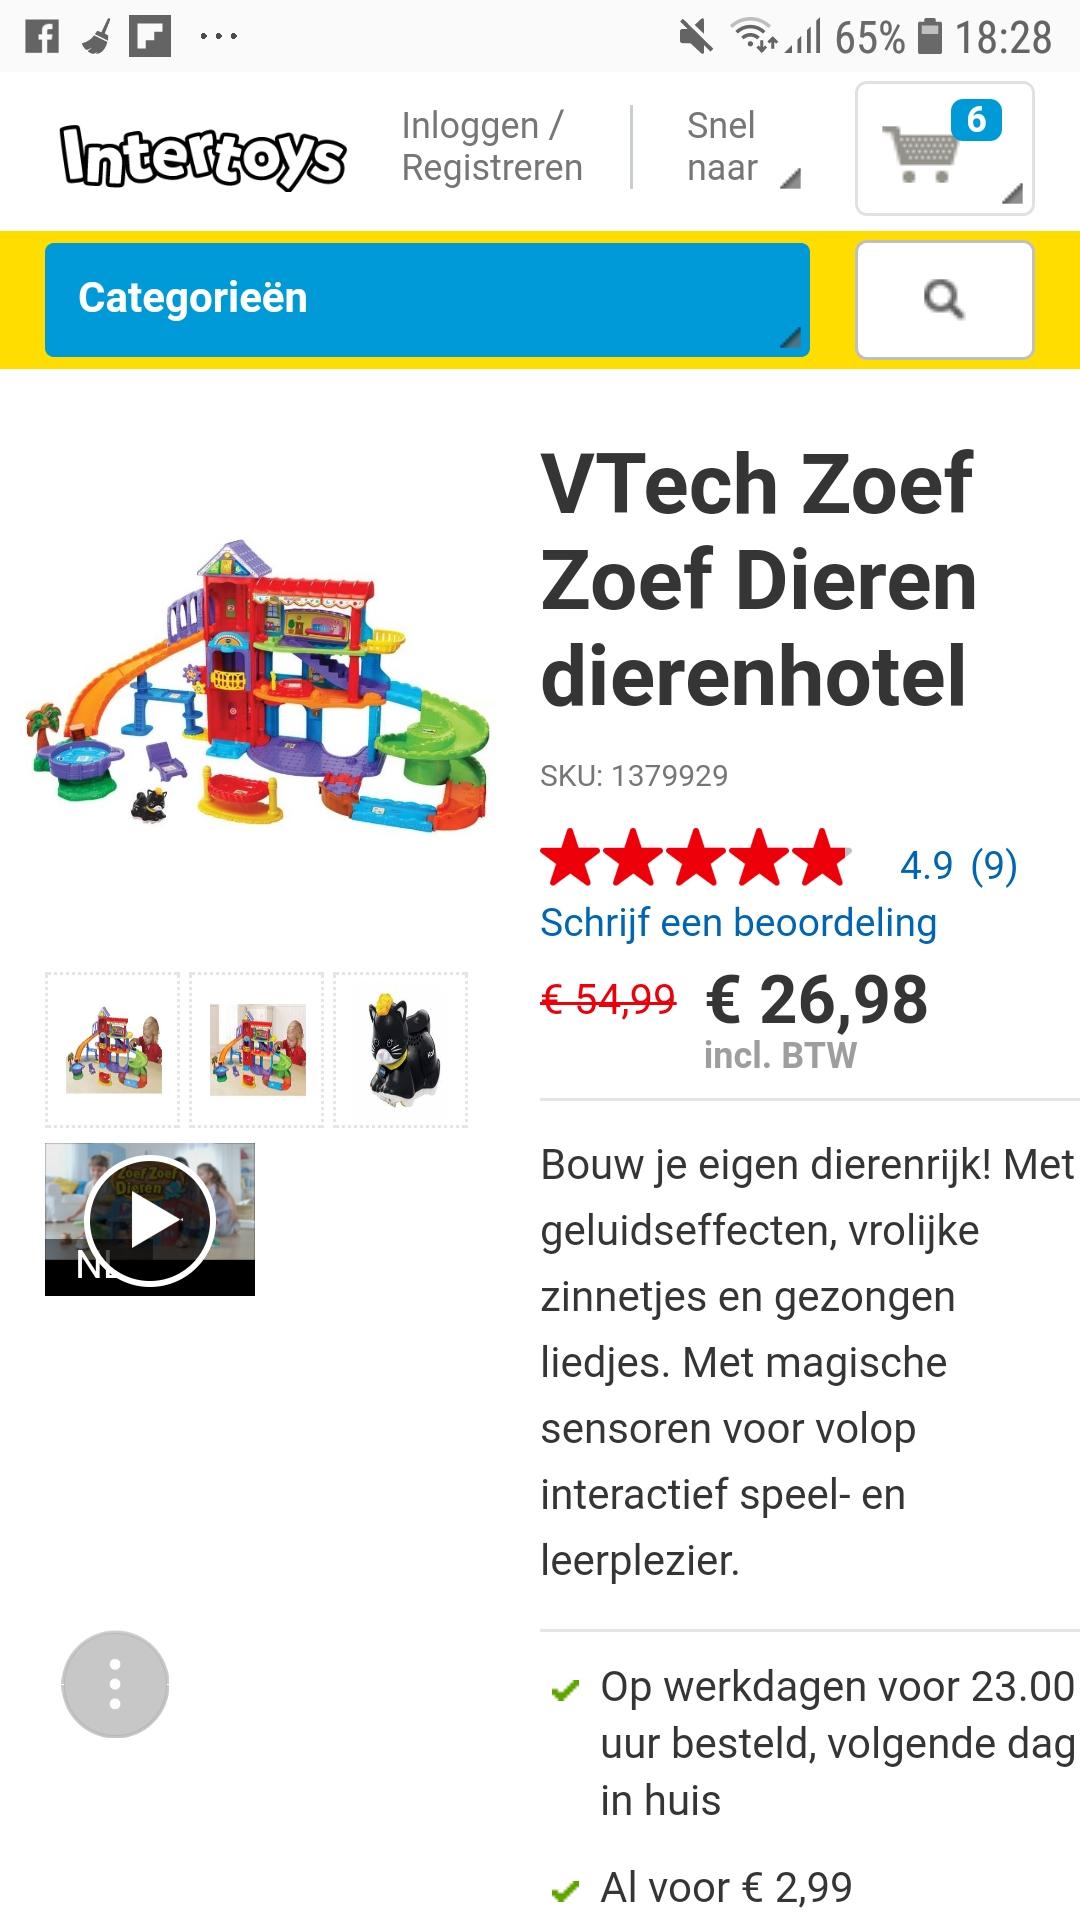 Vtech Zoef Zoef Dierenhotel (dieren) en Toet Toet, Vrolijke vriendjes.